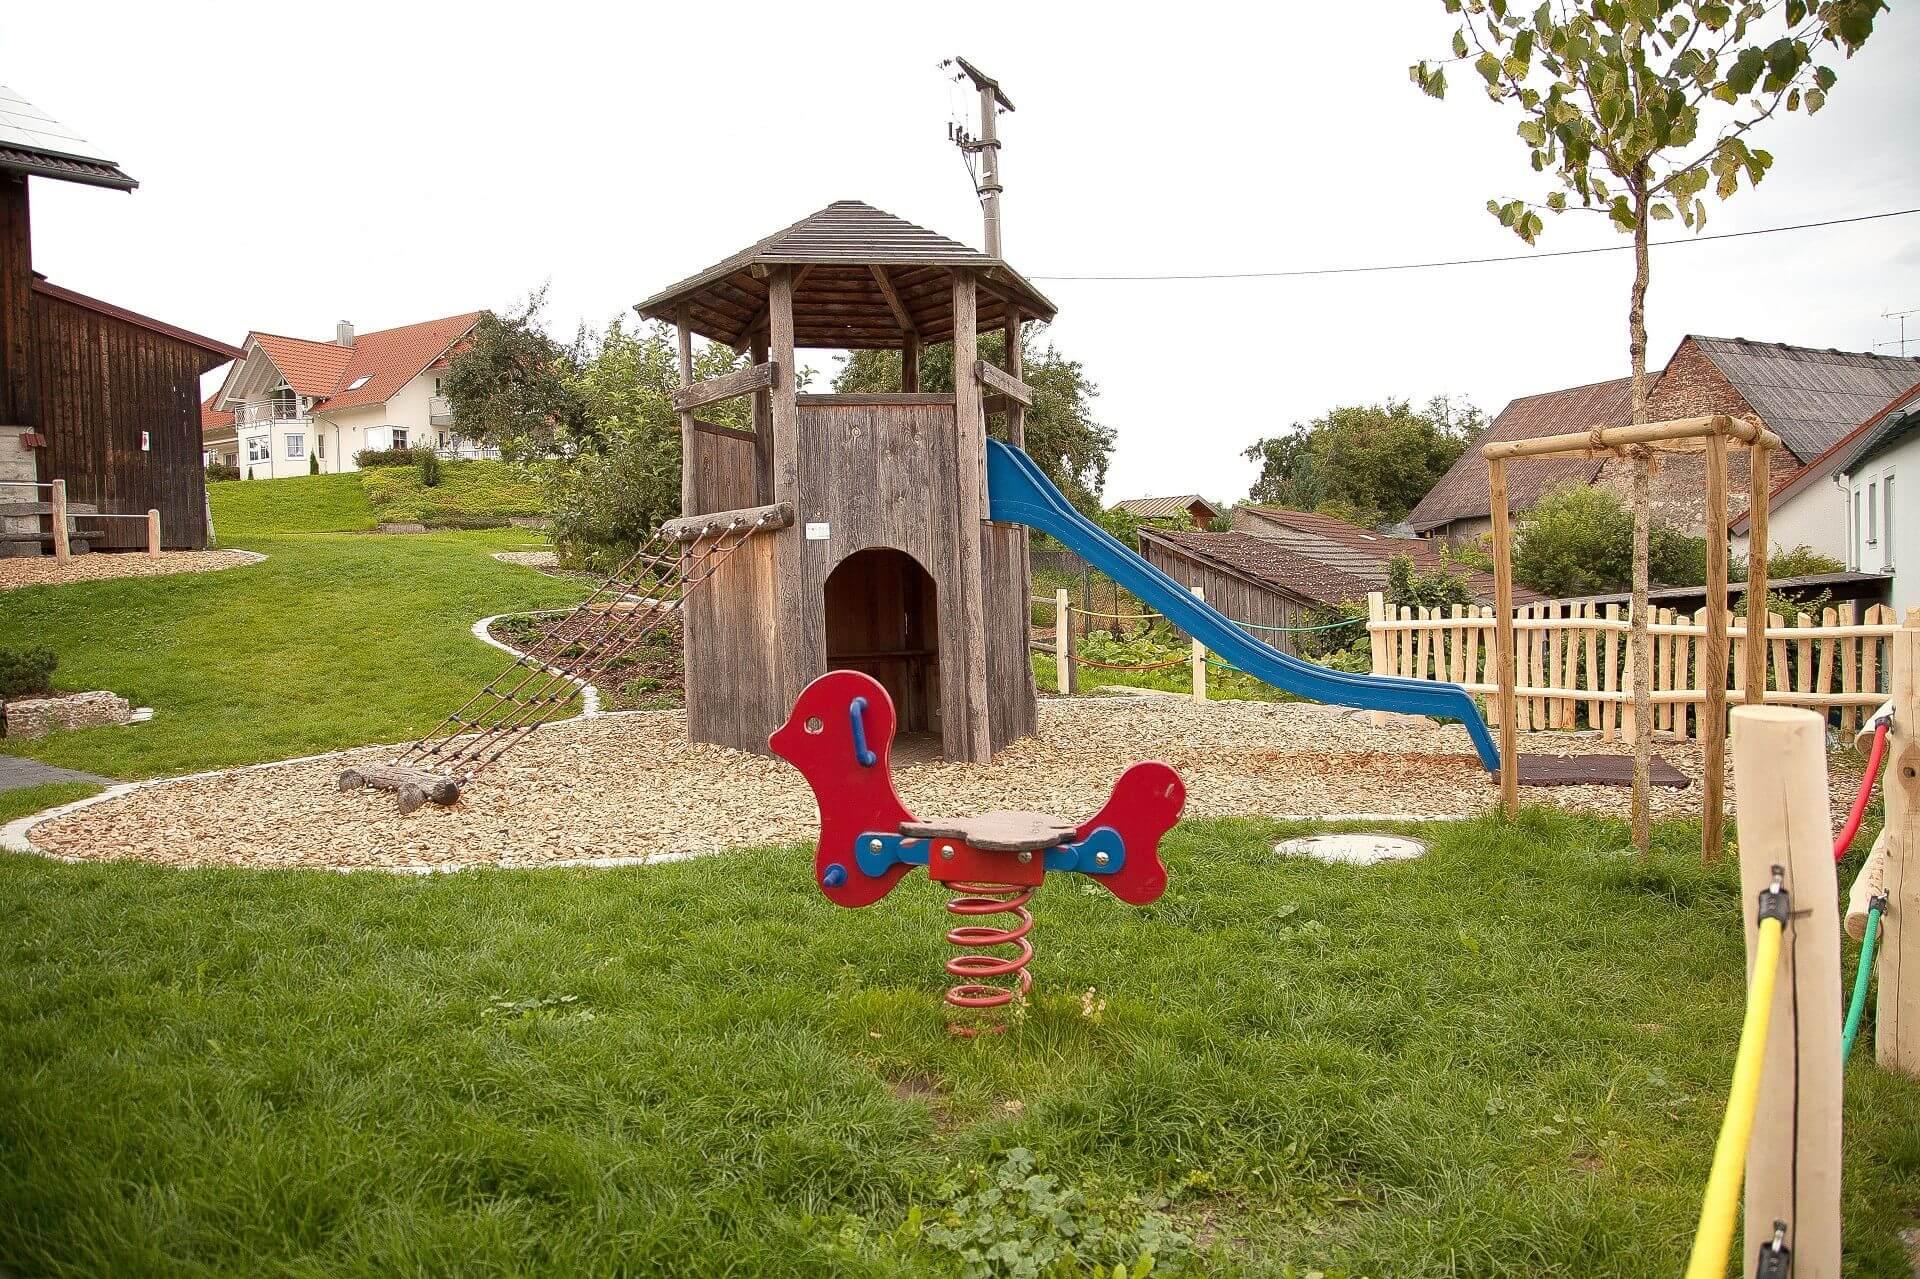 Kinderspielplatz mit Kletterturm und Rutsche